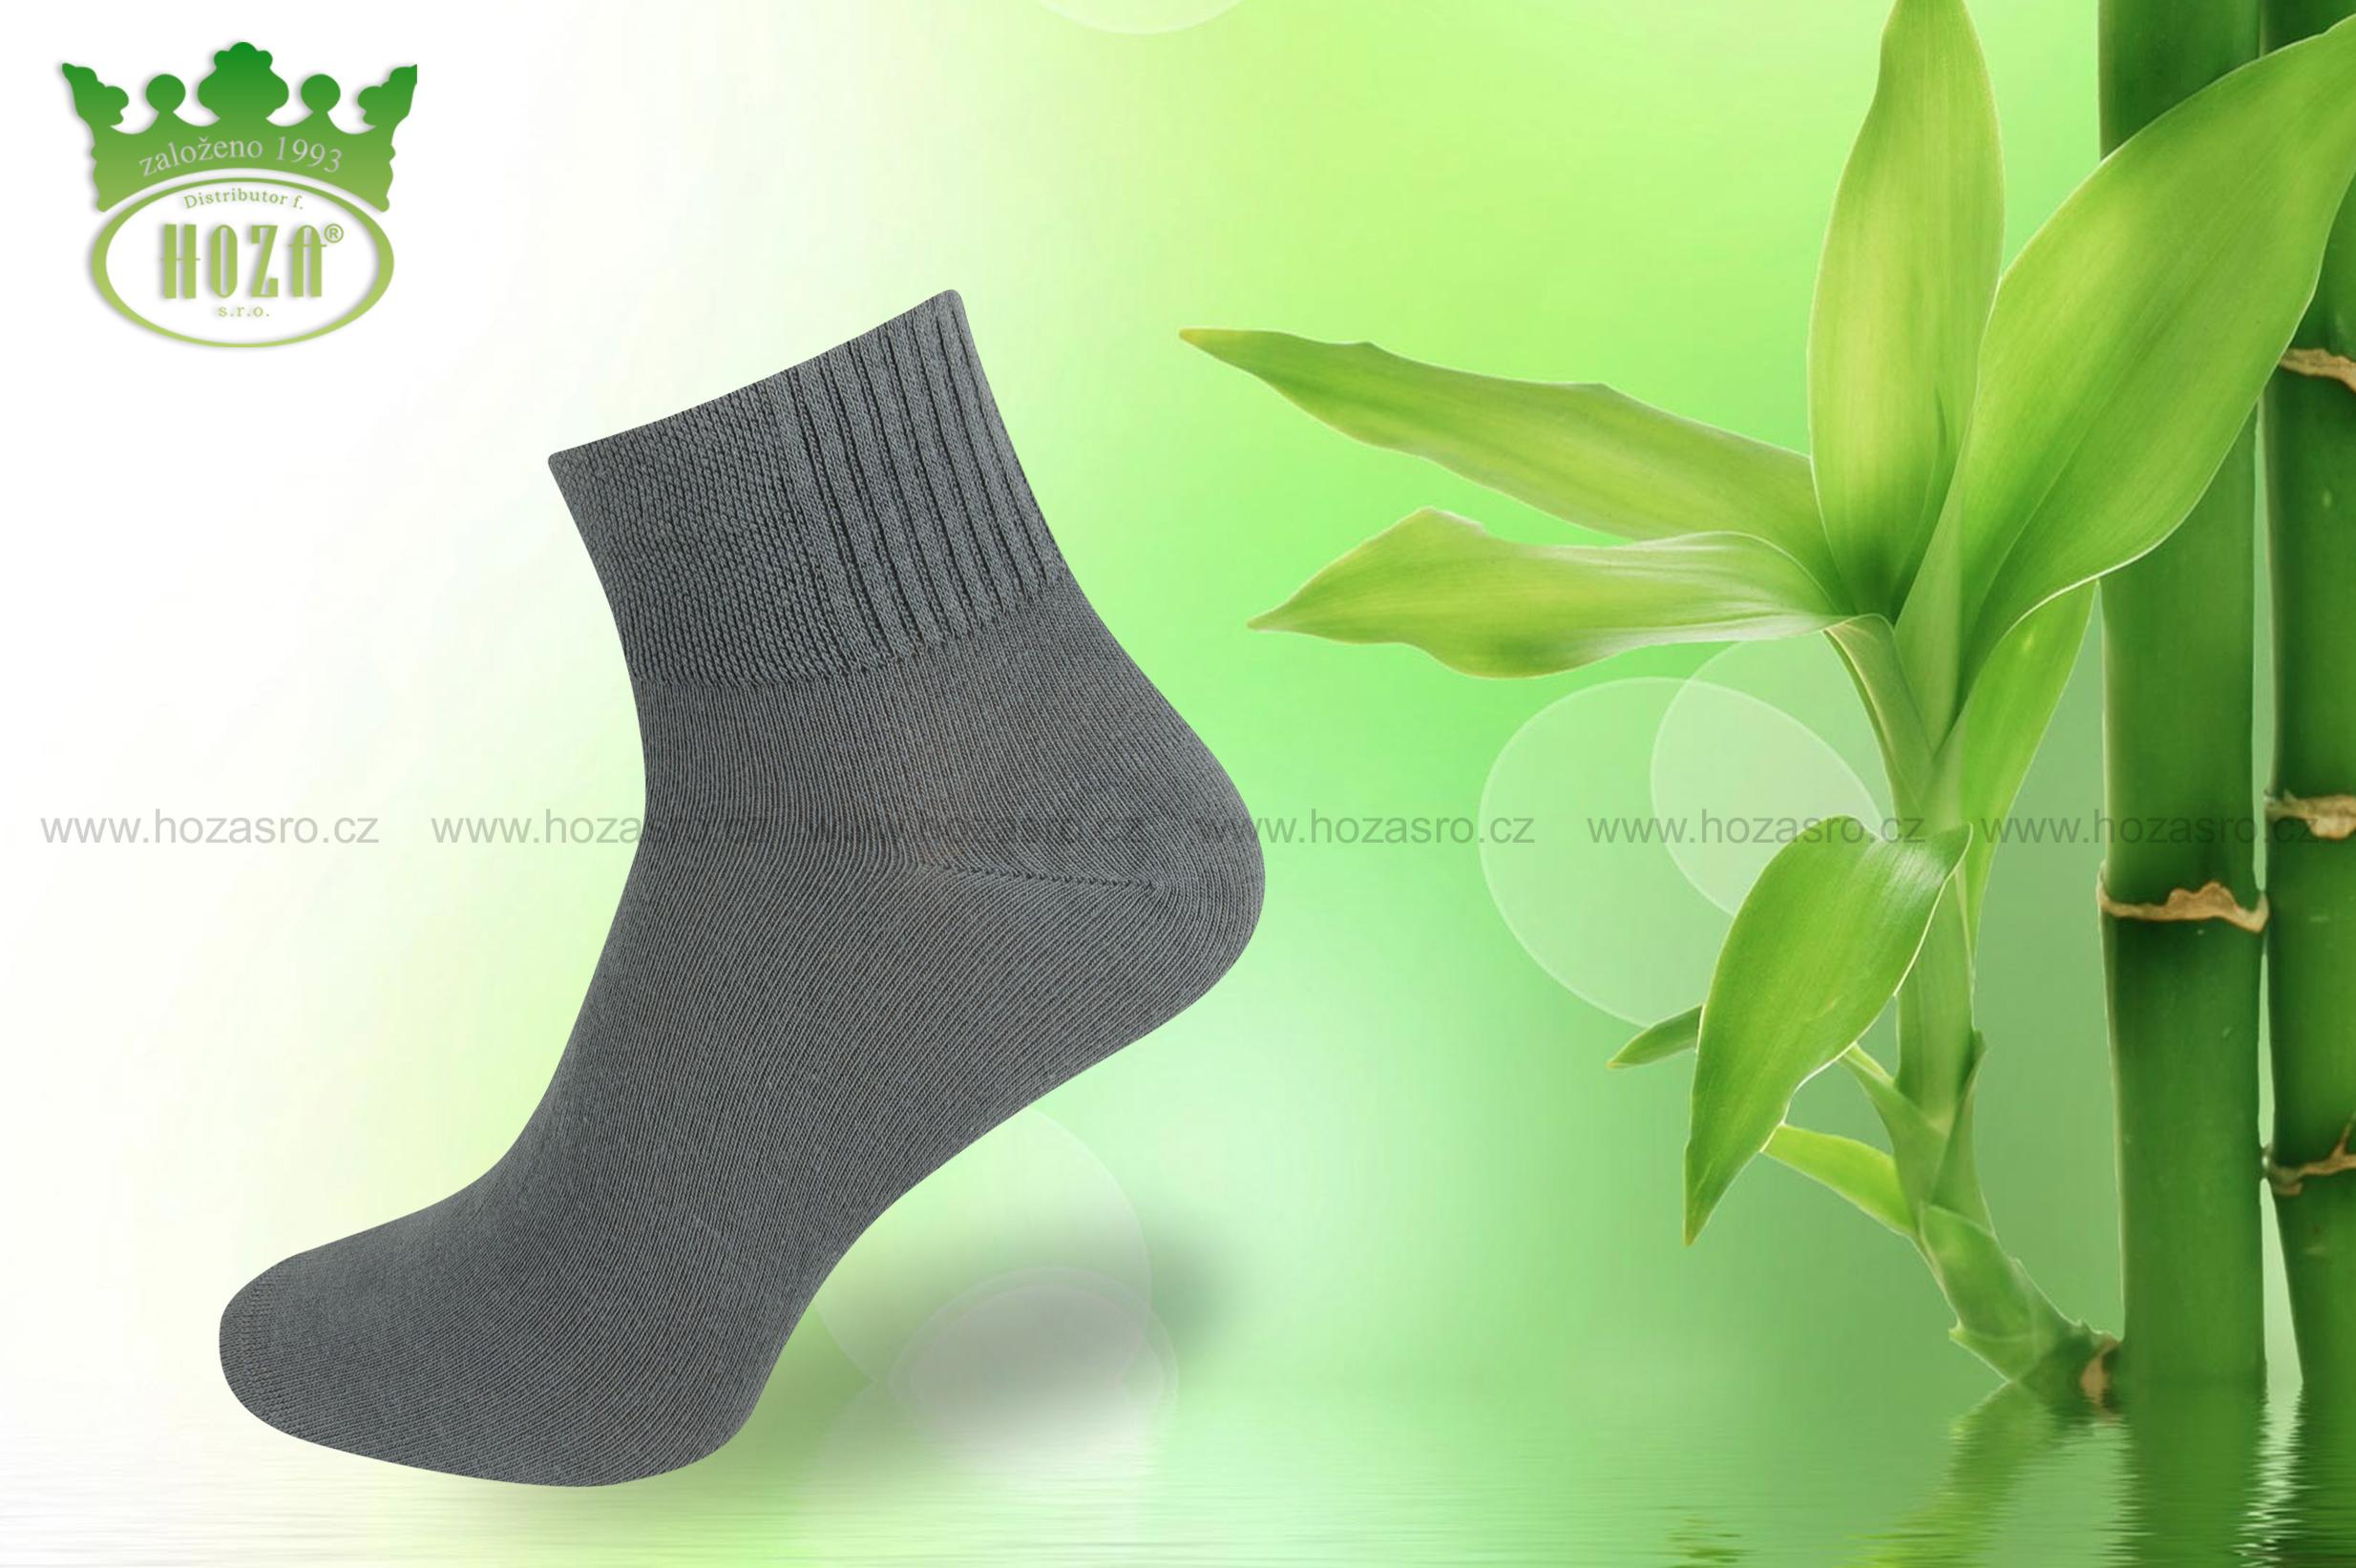 H5601 Dámské kotníkové antibakteriální bambusové ponožky HOZA. otevřít v  maximálním rozlišení 4ce770215d